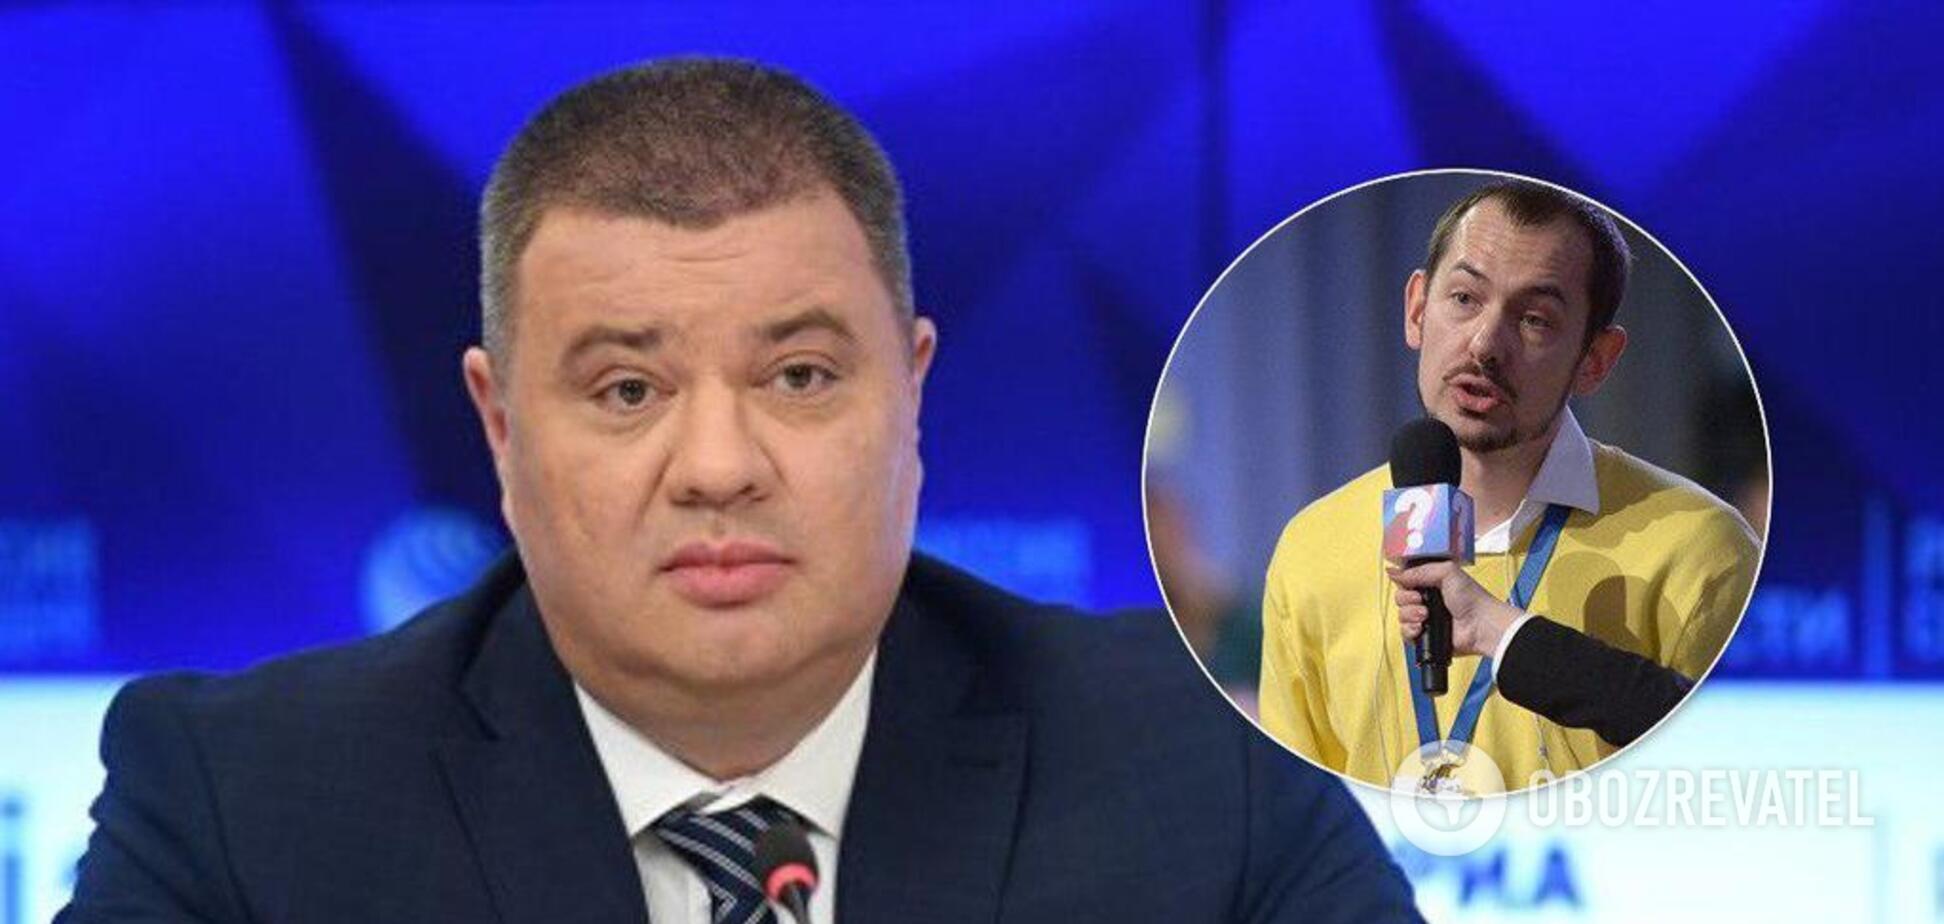 'Хорошо устроились': Цимбалюк унизил перебежчика из СБУ в прямом эфире росТВ